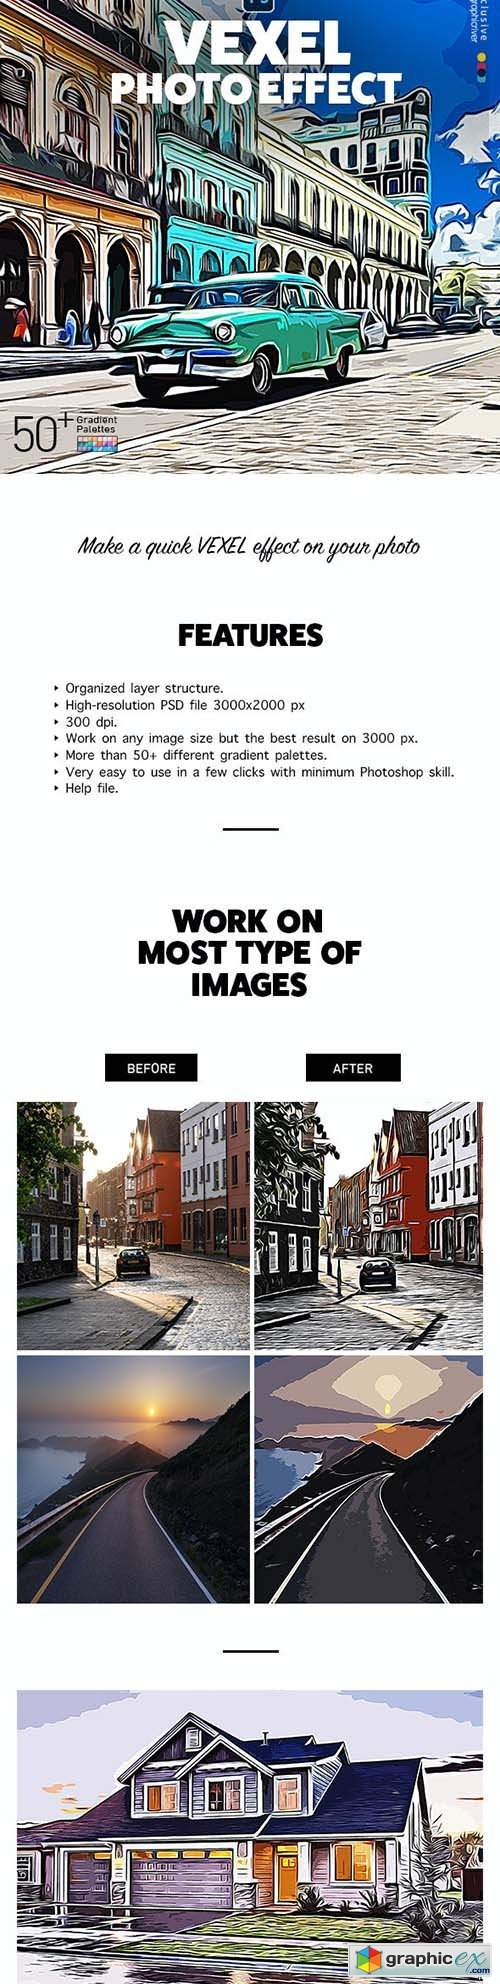 Vexel Photo Effect